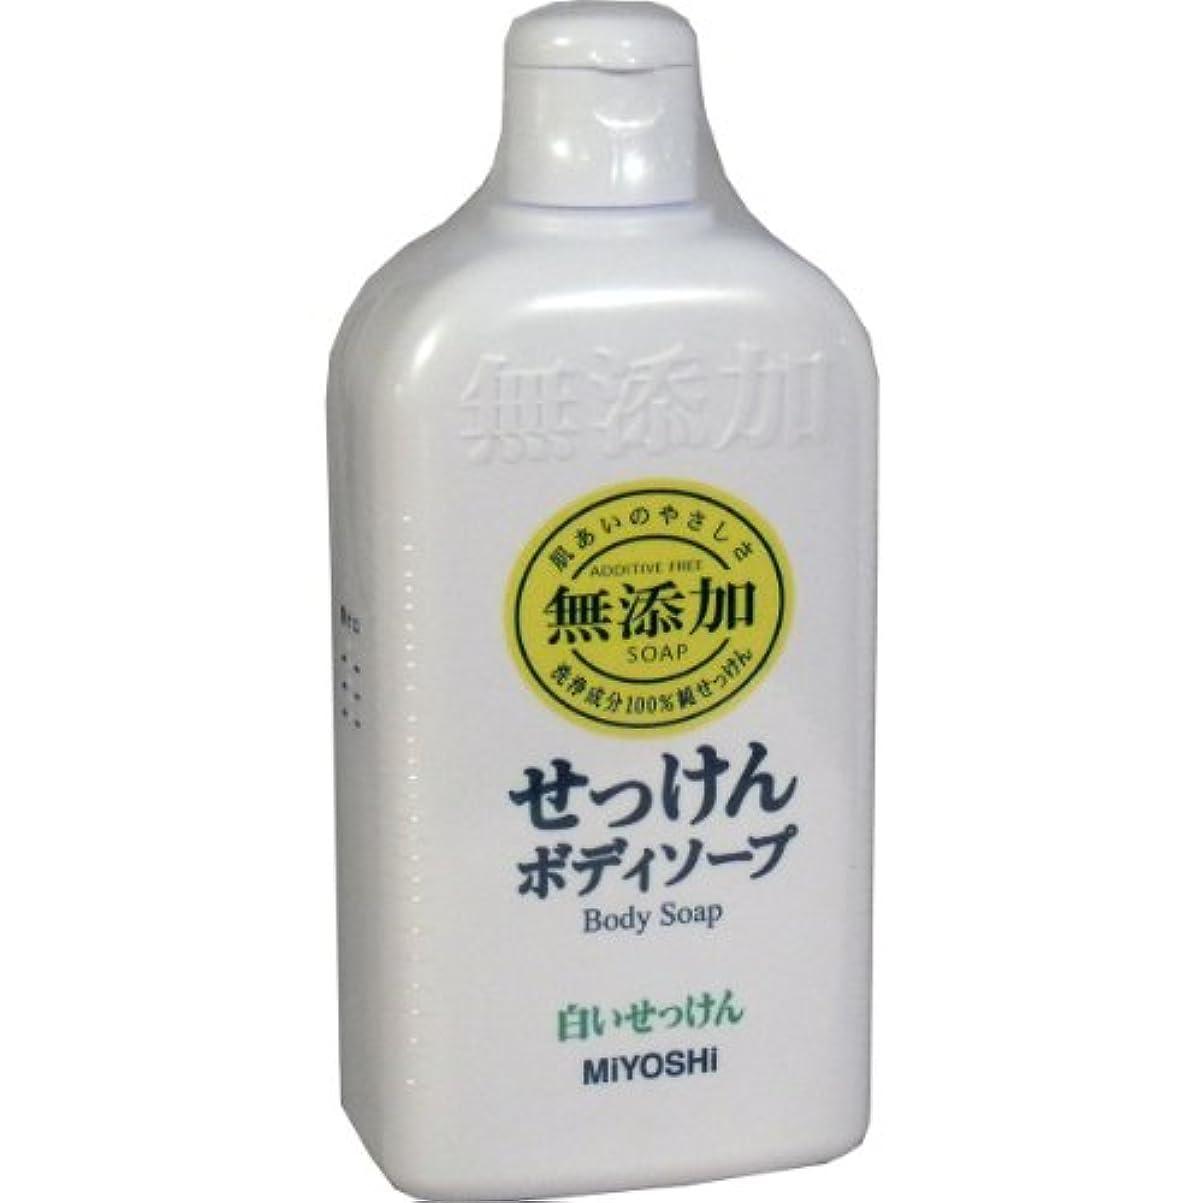 飾り羽疎外する裸無添加 ボディソープ 白い石けん レギュラー 400ml(無添加石鹸) 7セット